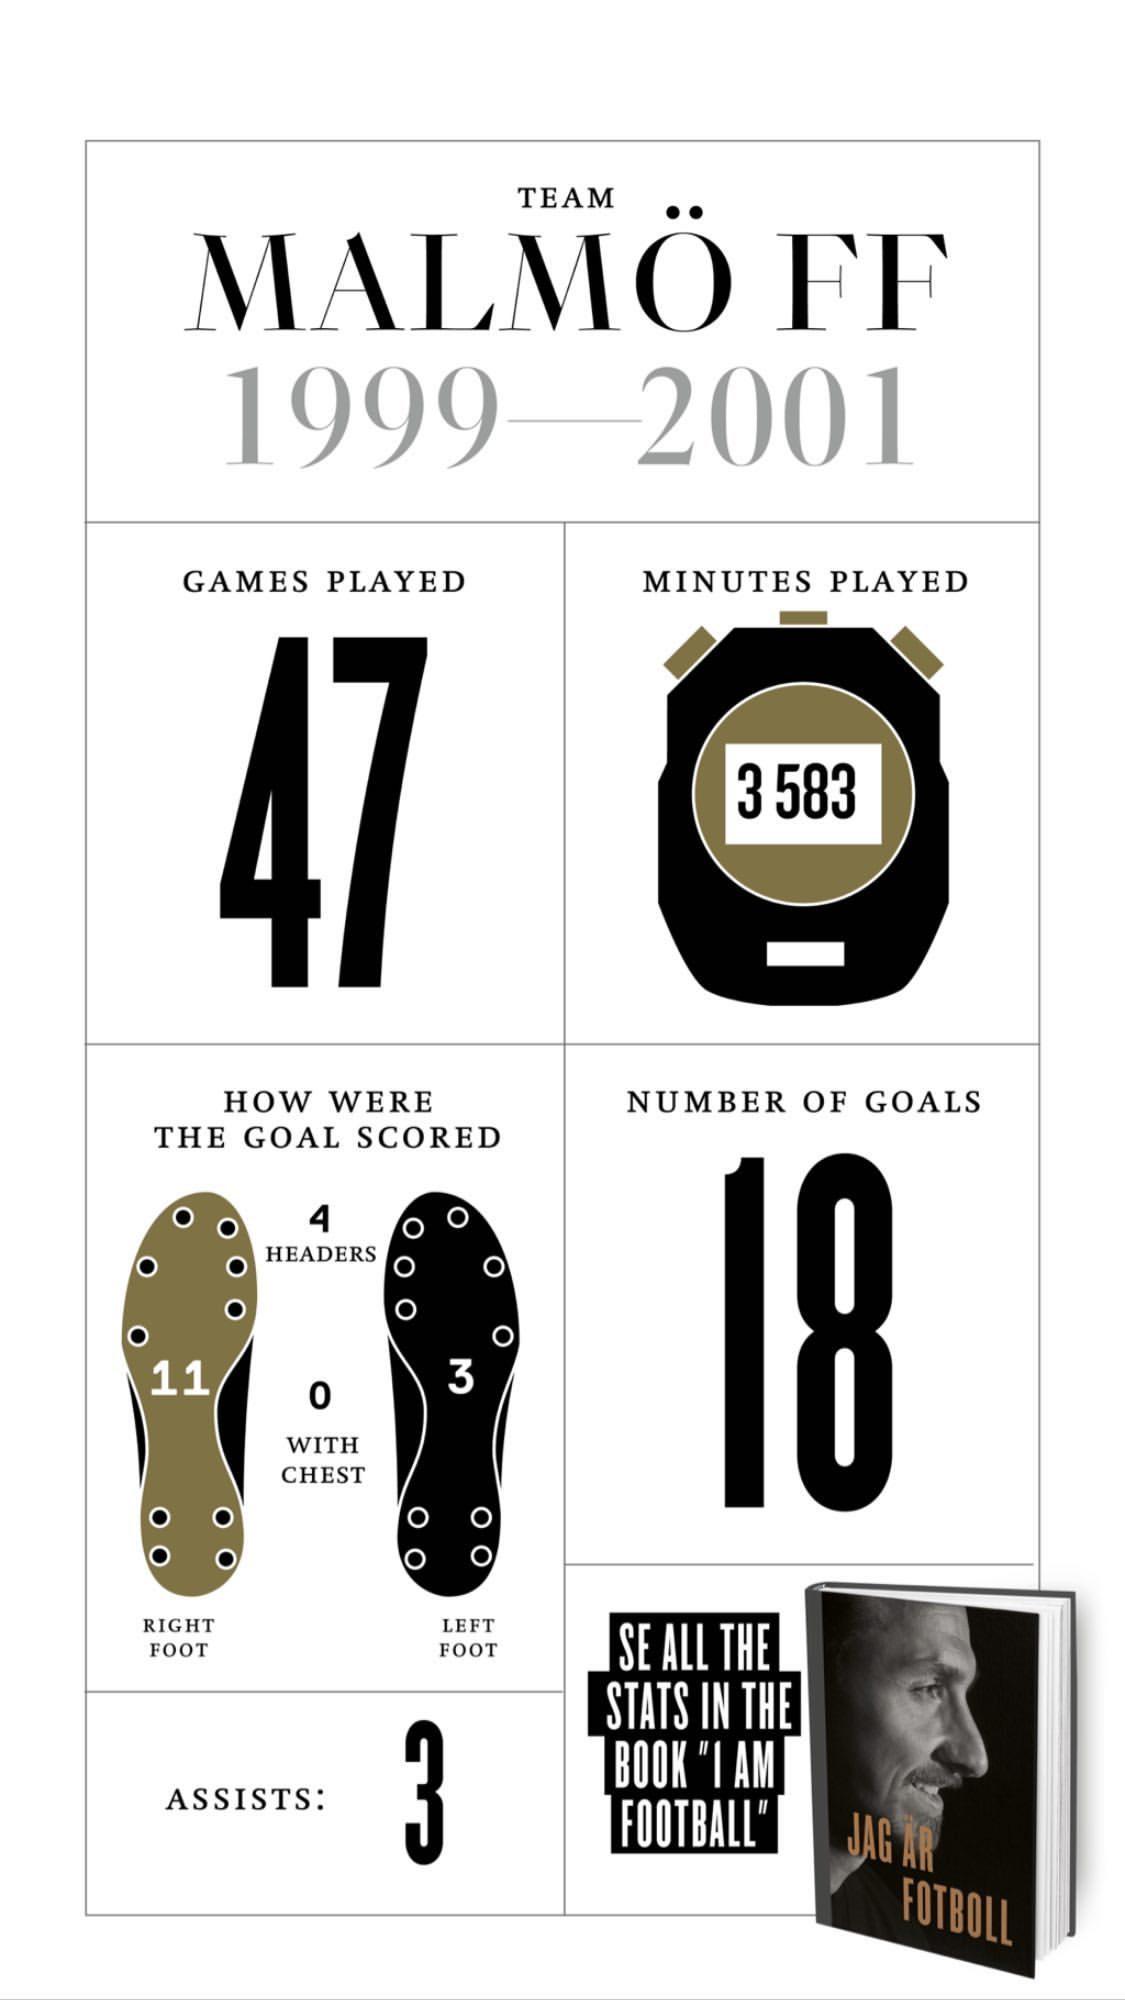 Златистика: интересные цифры Златана Ибрагимовича (Фото) - изображение 1